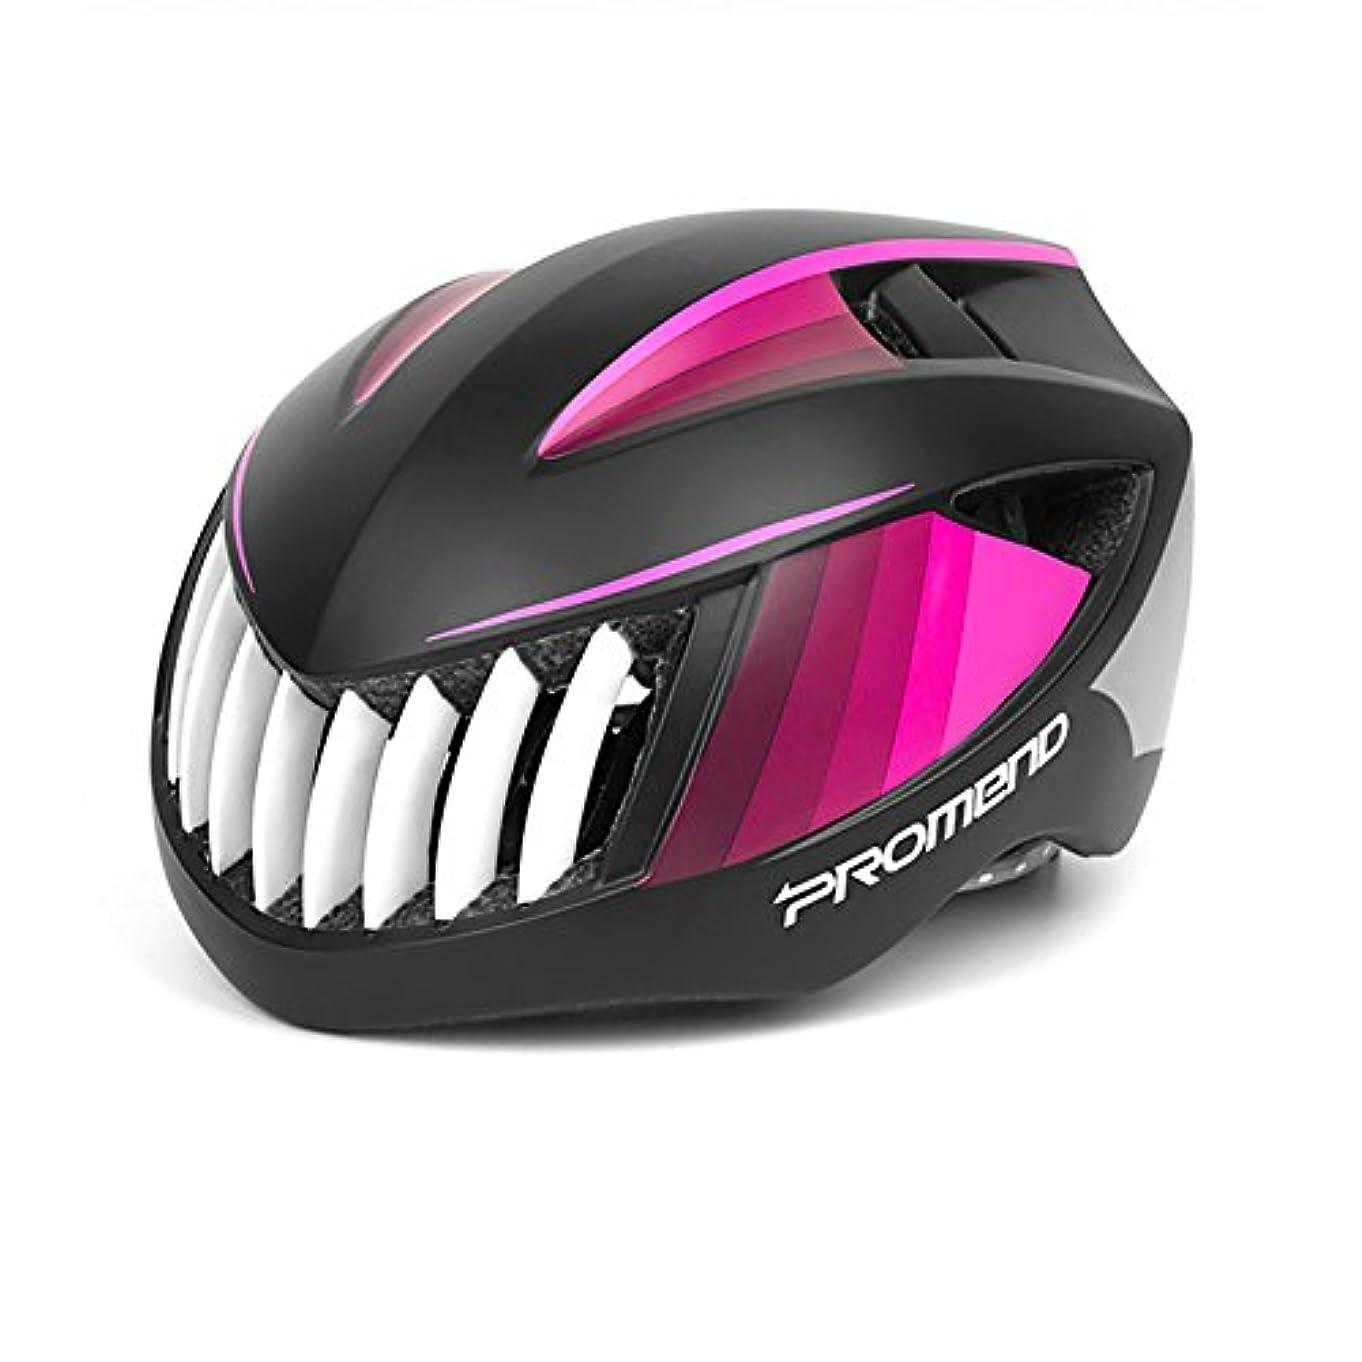 司書くペインマウンテンバイクライディングヘルメット統合安全帽子ロードバイク男性と女性のヘルメットライトヘルメット通気性ヘルメット